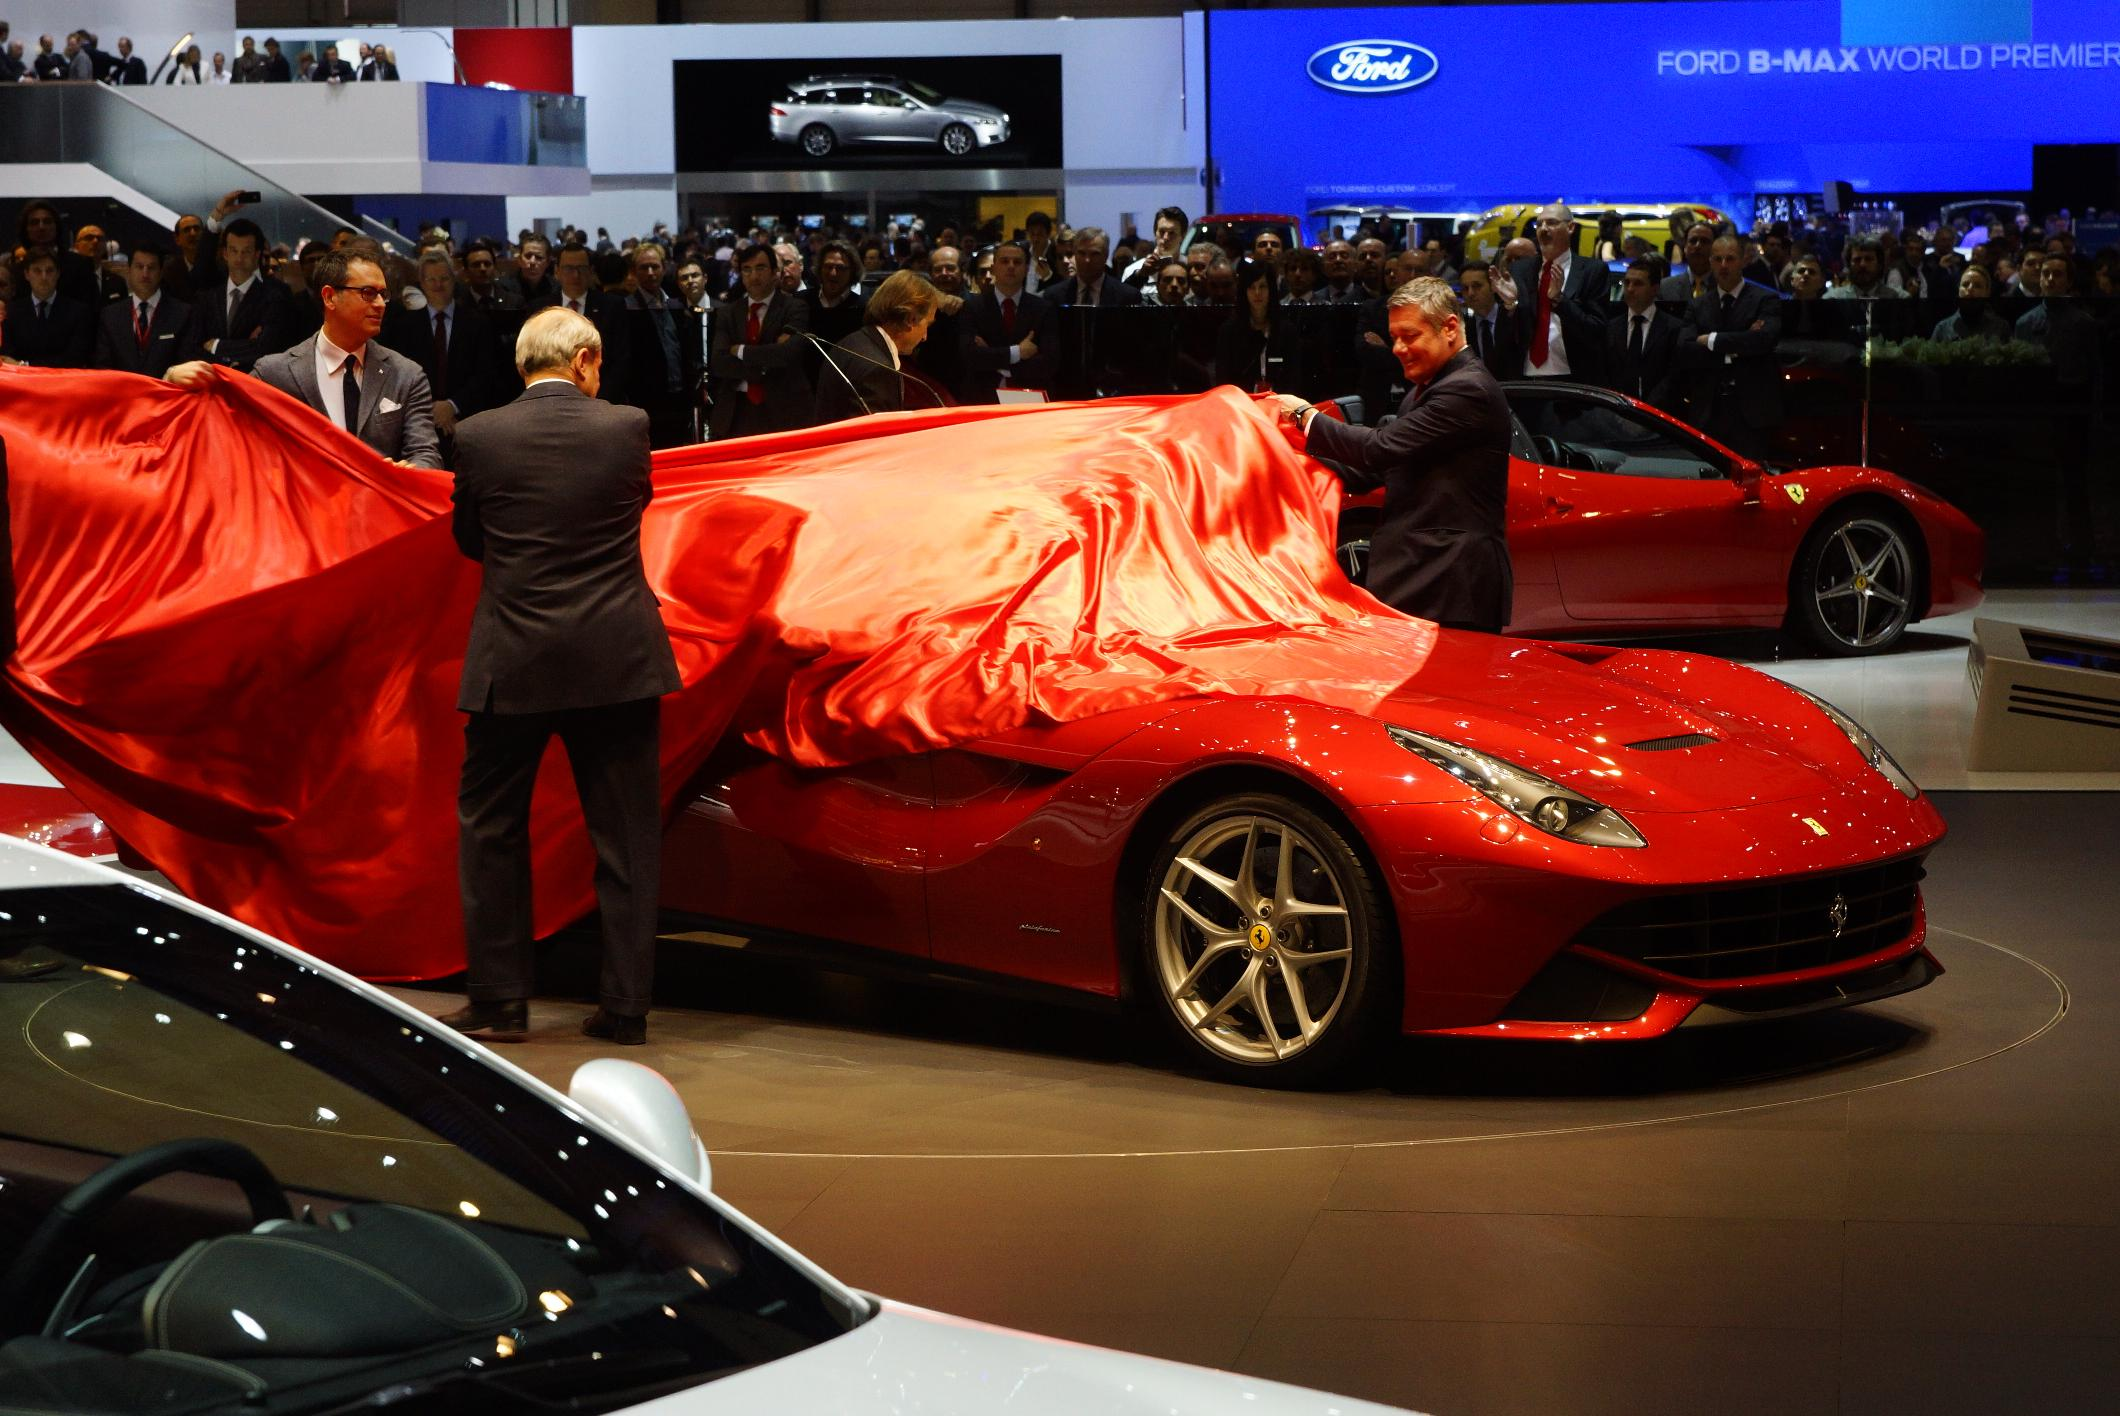 Ferrari F12 Berlinetta Geneva 2012 Unveiling